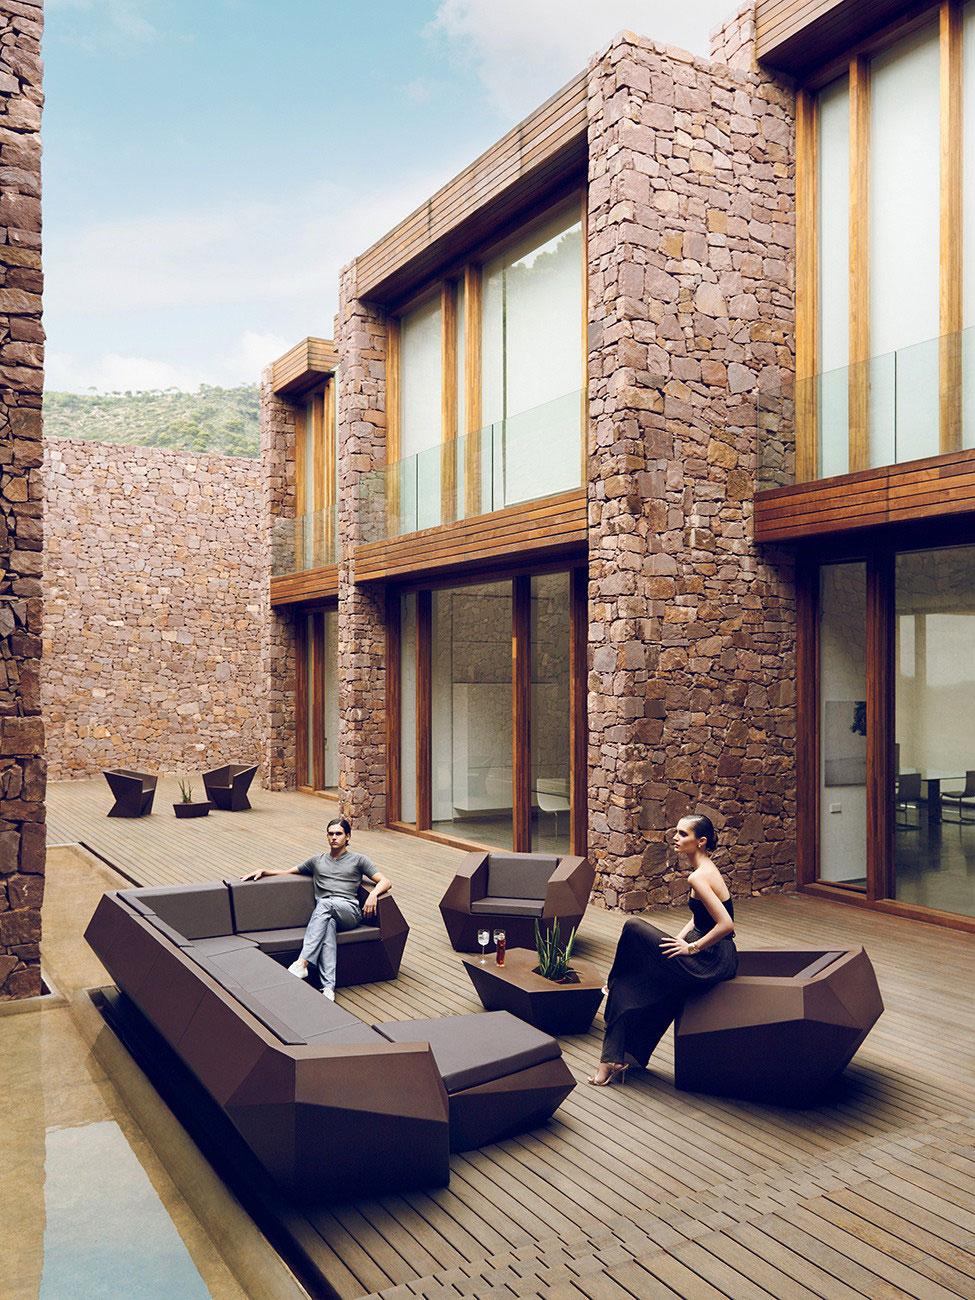 paz y comedias house by ramon esteve estudio de arquitectura 001 - Ramon Esteve Arquitecto